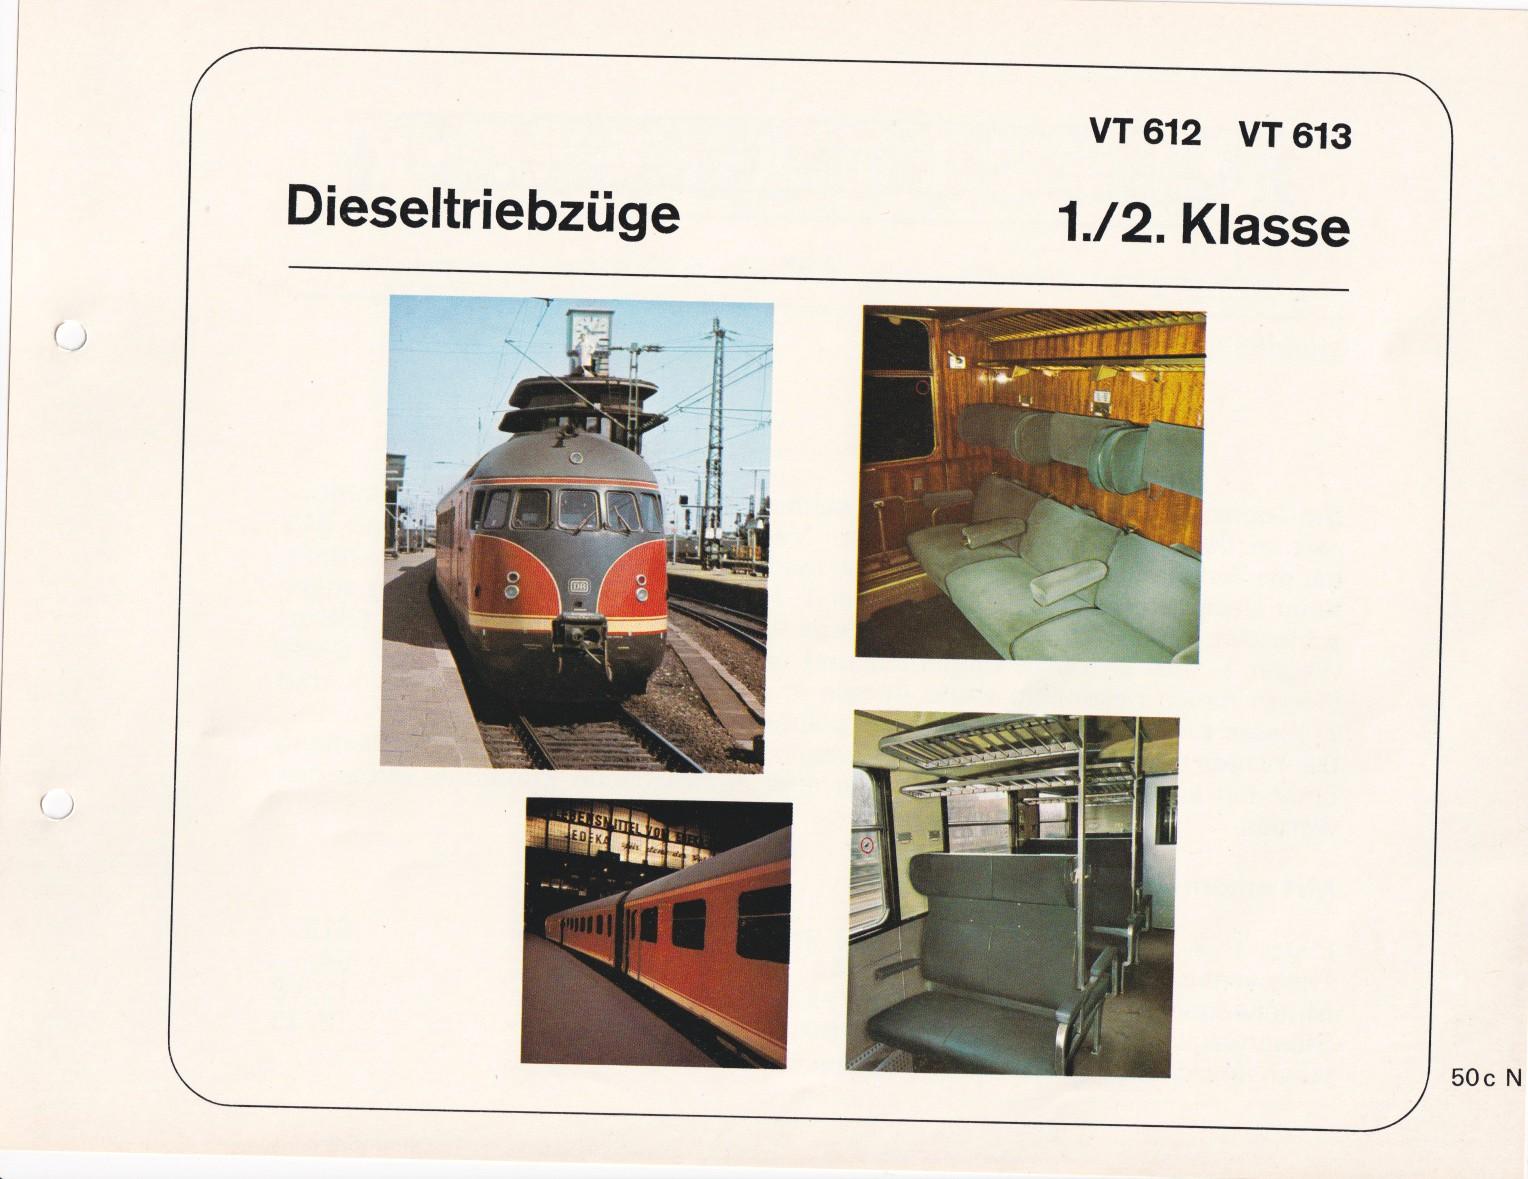 https://www.nullclub.de/hifo/Fahrzeuglexikon/Wagen50g.jpg